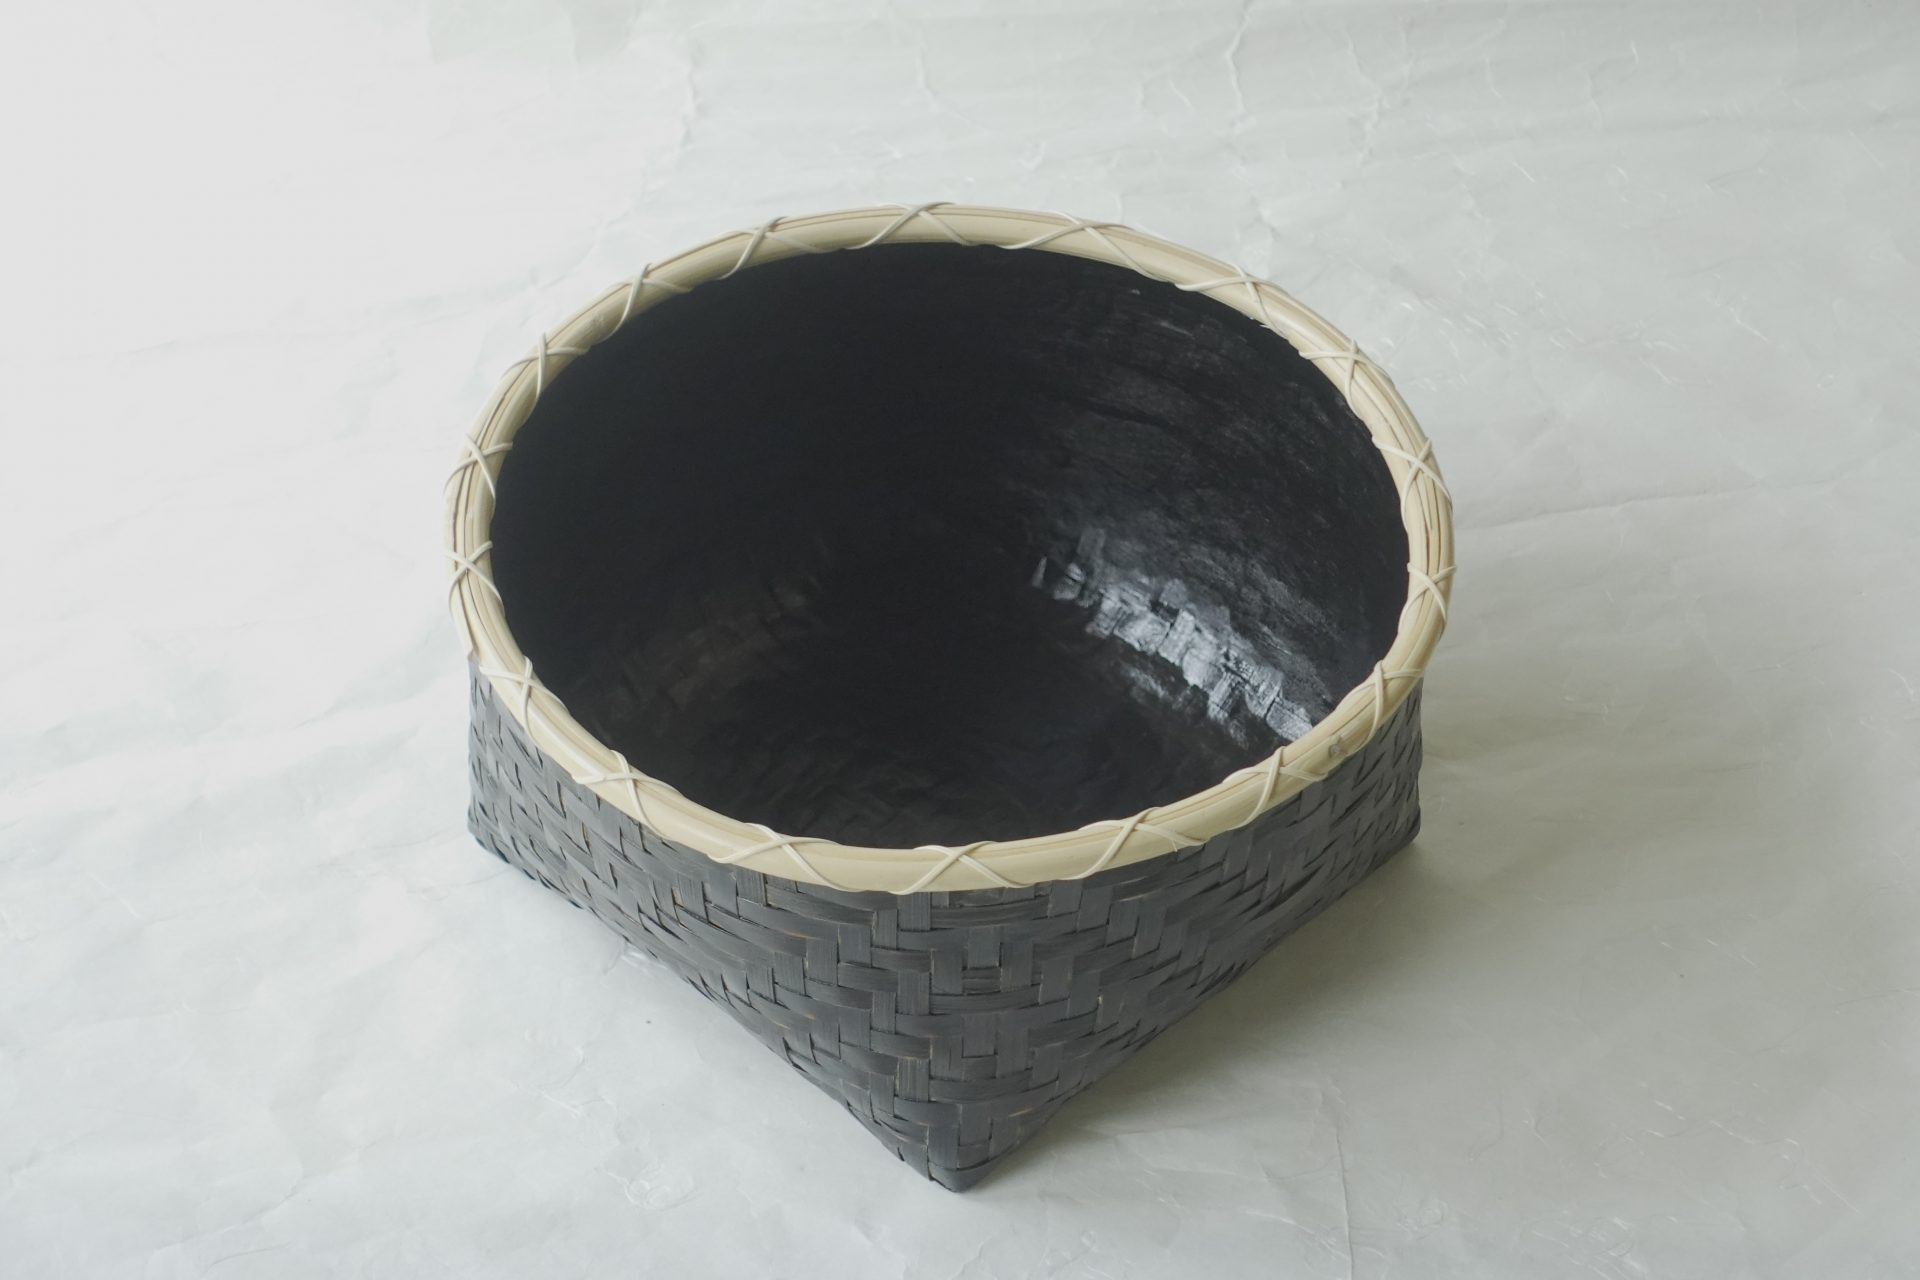 茶道 茶の湯 茶道具 日本製 炭斗 すみとり 風炉用 炭点前 利休形 基本的な形 染竹 侘びた雰囲気 白竹 5月から10月まで 小さい 小ぶり 底は平ら 多くのもの 安定 軽い 割れない